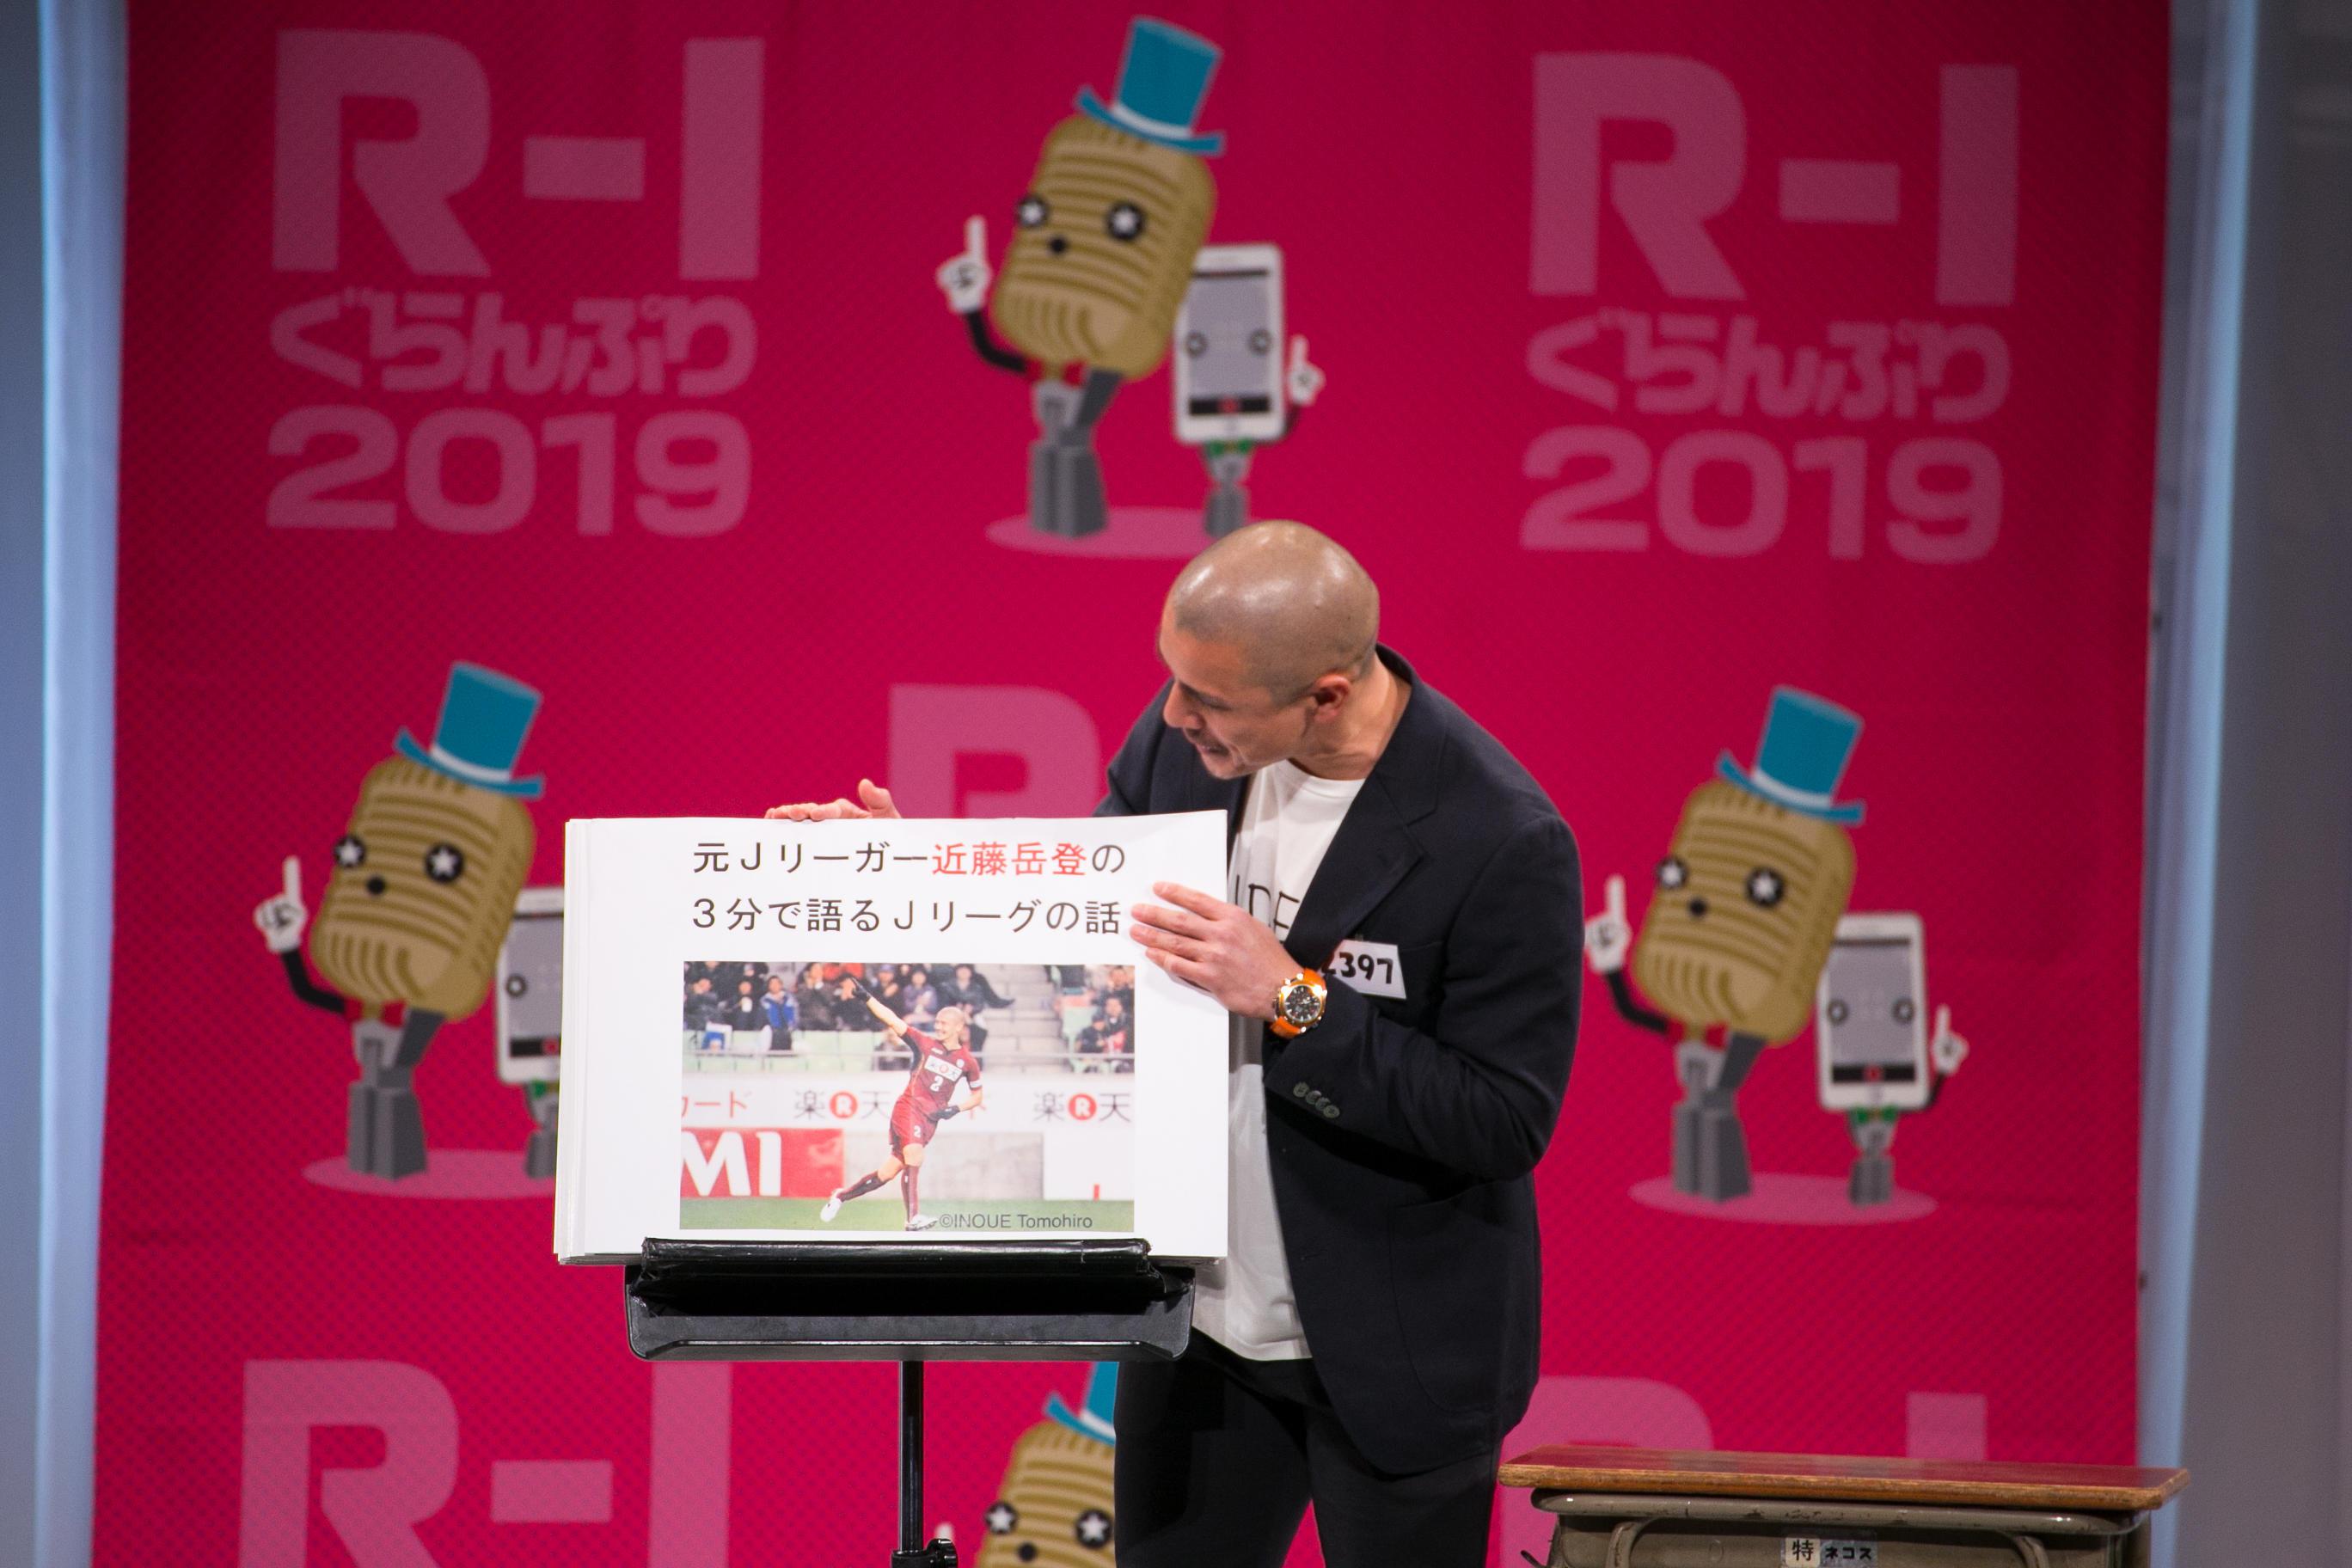 http://news.yoshimoto.co.jp/20190129223109-800c031d0ea5bb80ffa177c273b3b43b2e7d6de8.jpg